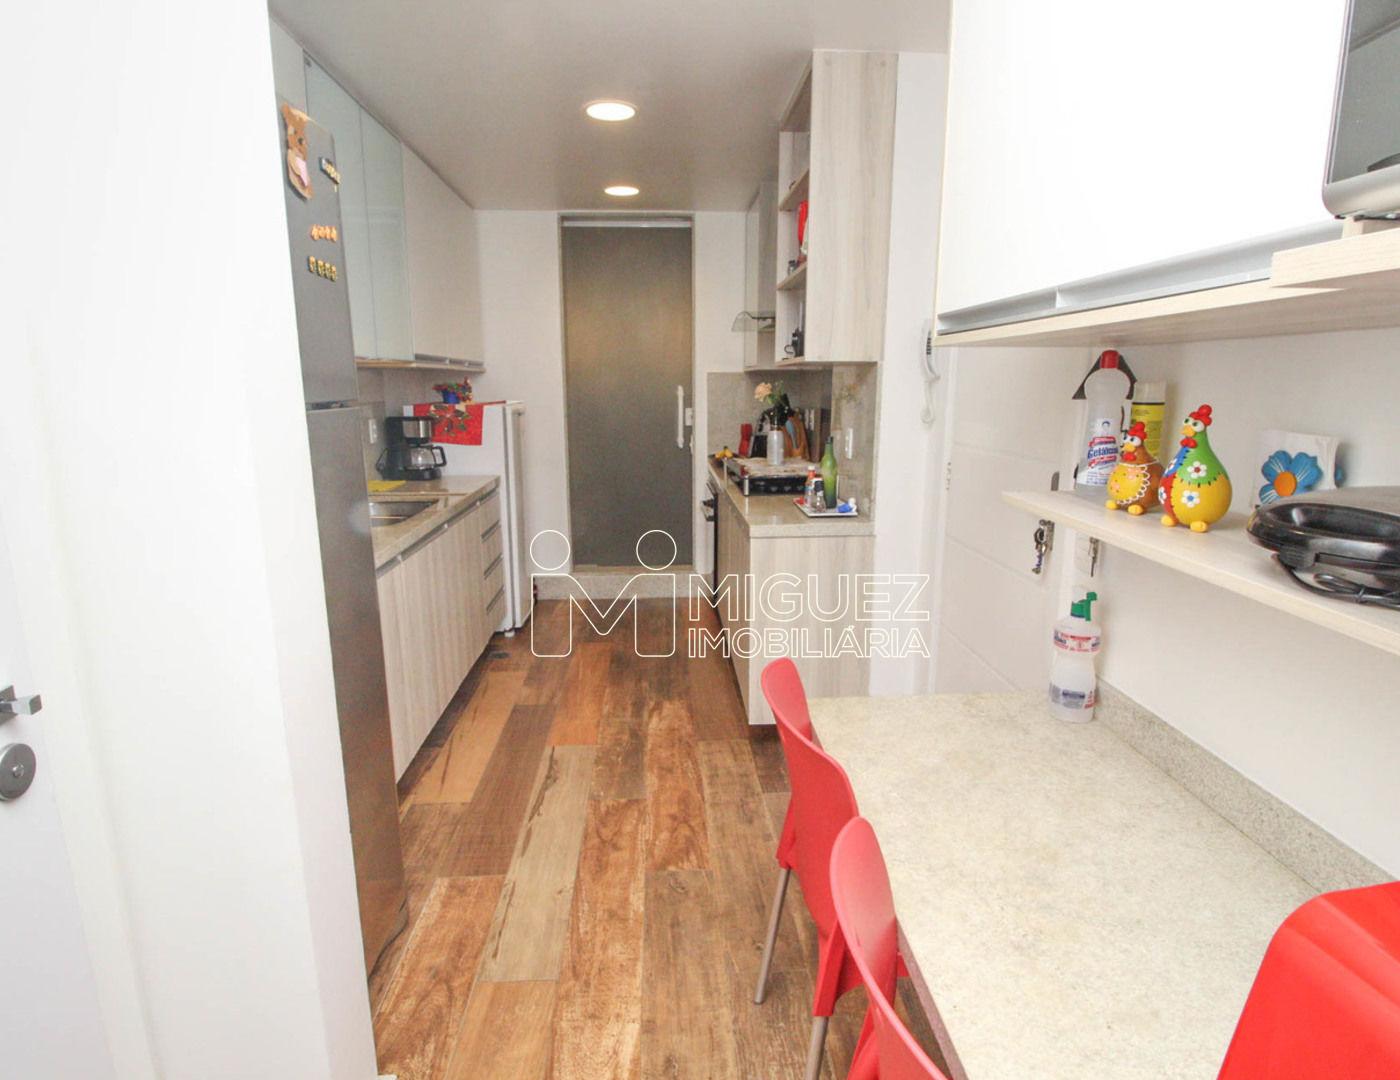 Apartamento, aluguel, Rua Tomás Coelho - Tijuca , Rio de janeiro